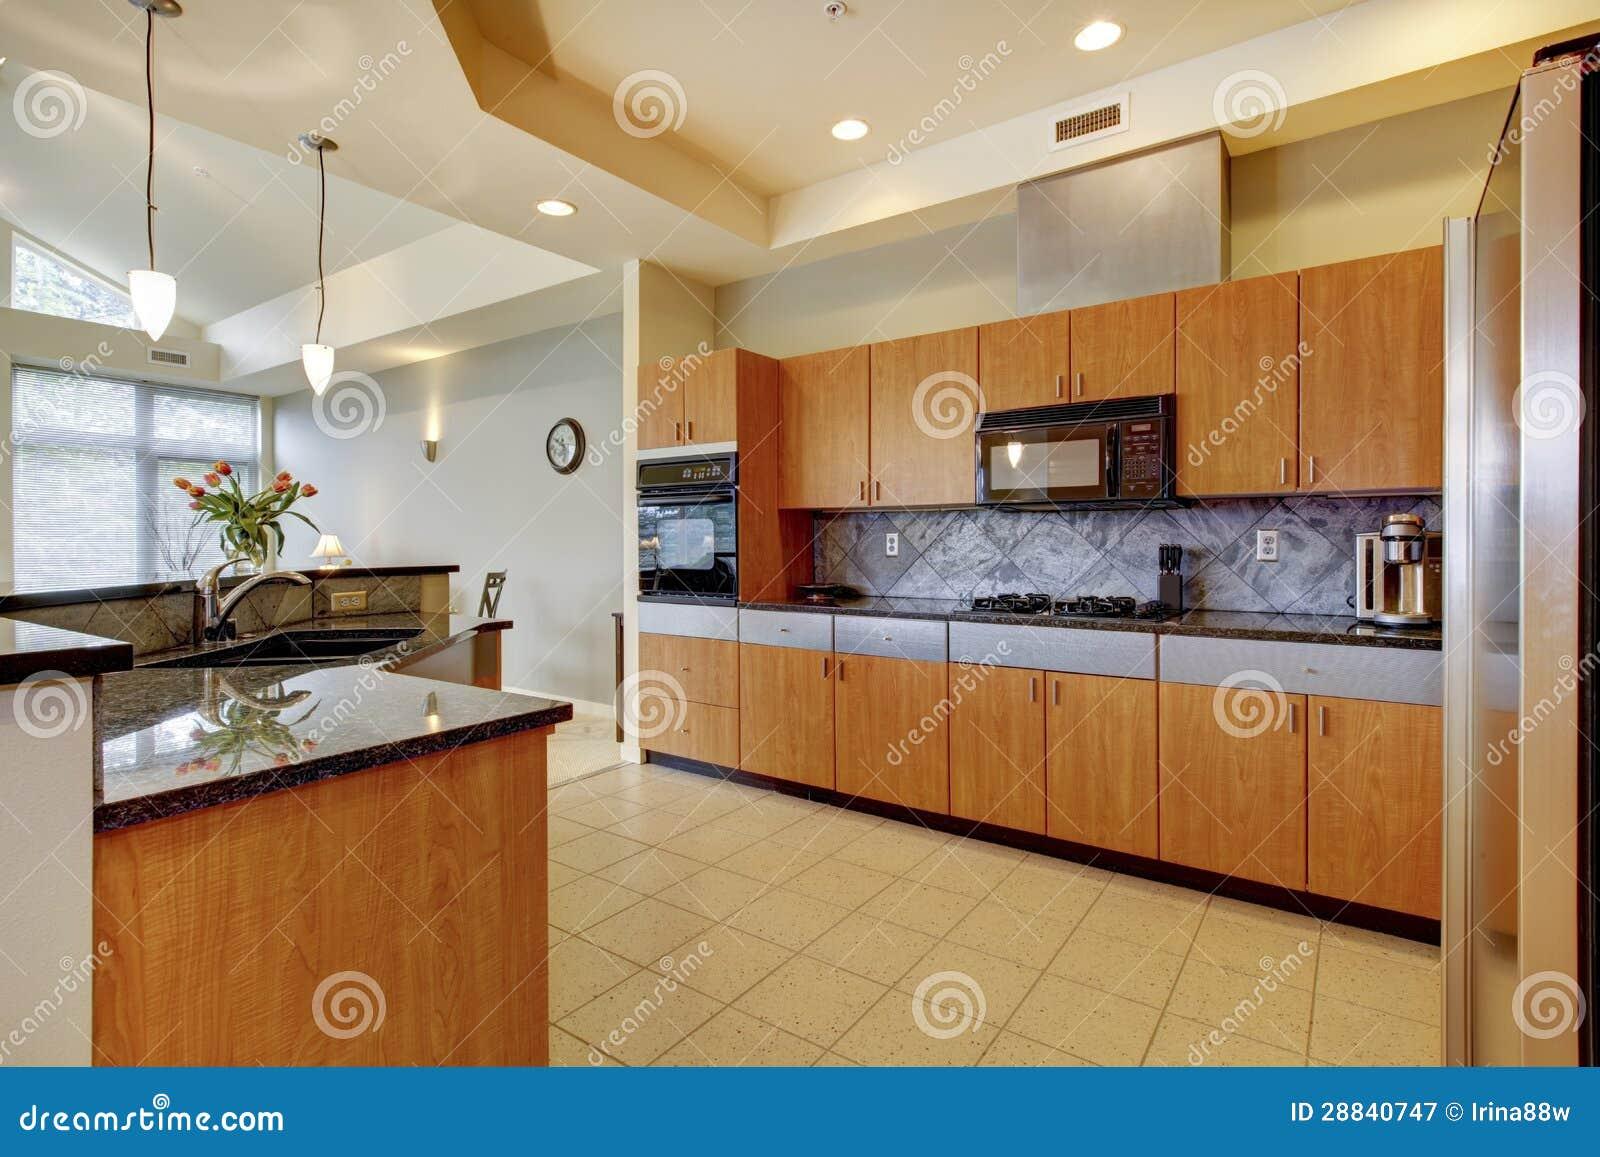 Grote moderne houten keuken met woonkamer en hoog plafond.